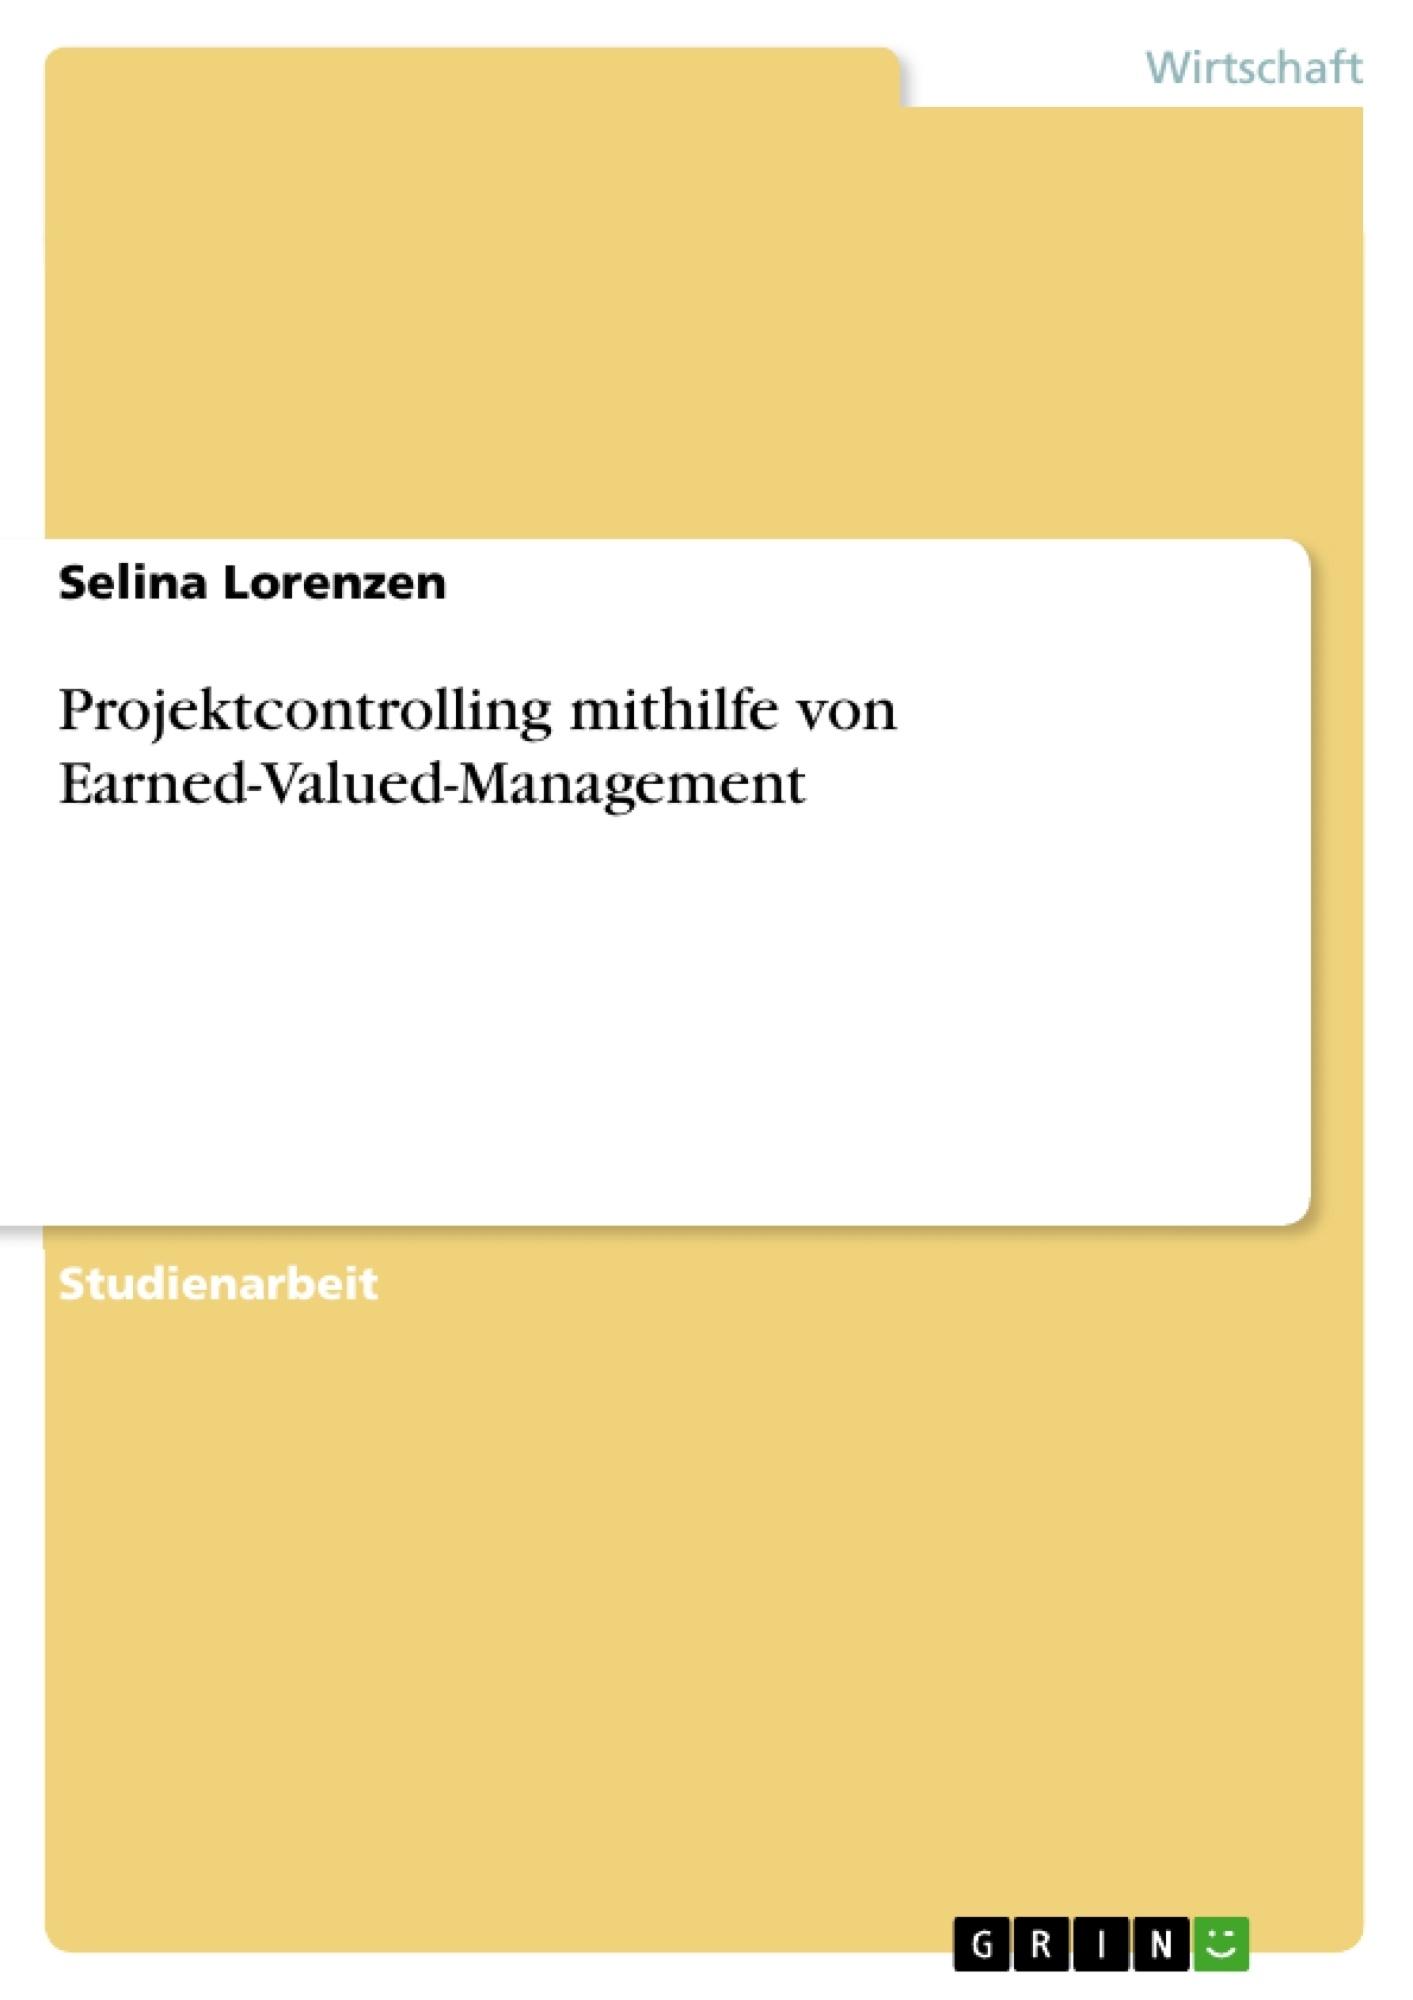 Titel: Projektcontrolling mithilfe von Earned-Valued-Management